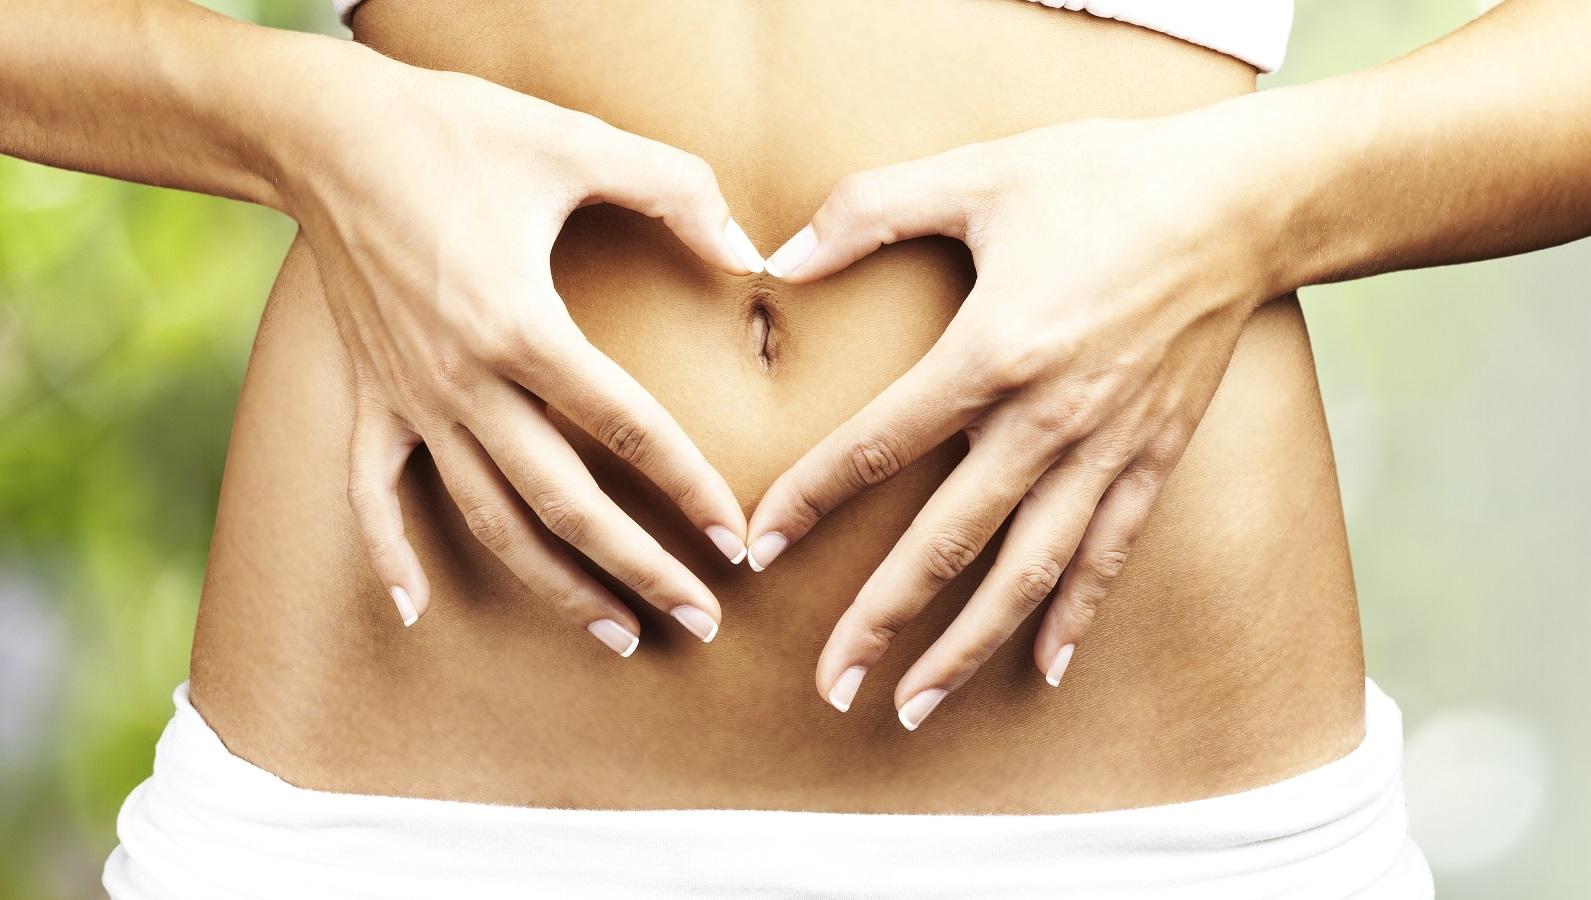 Ciesz się pięknym brzuchem po ciąży!